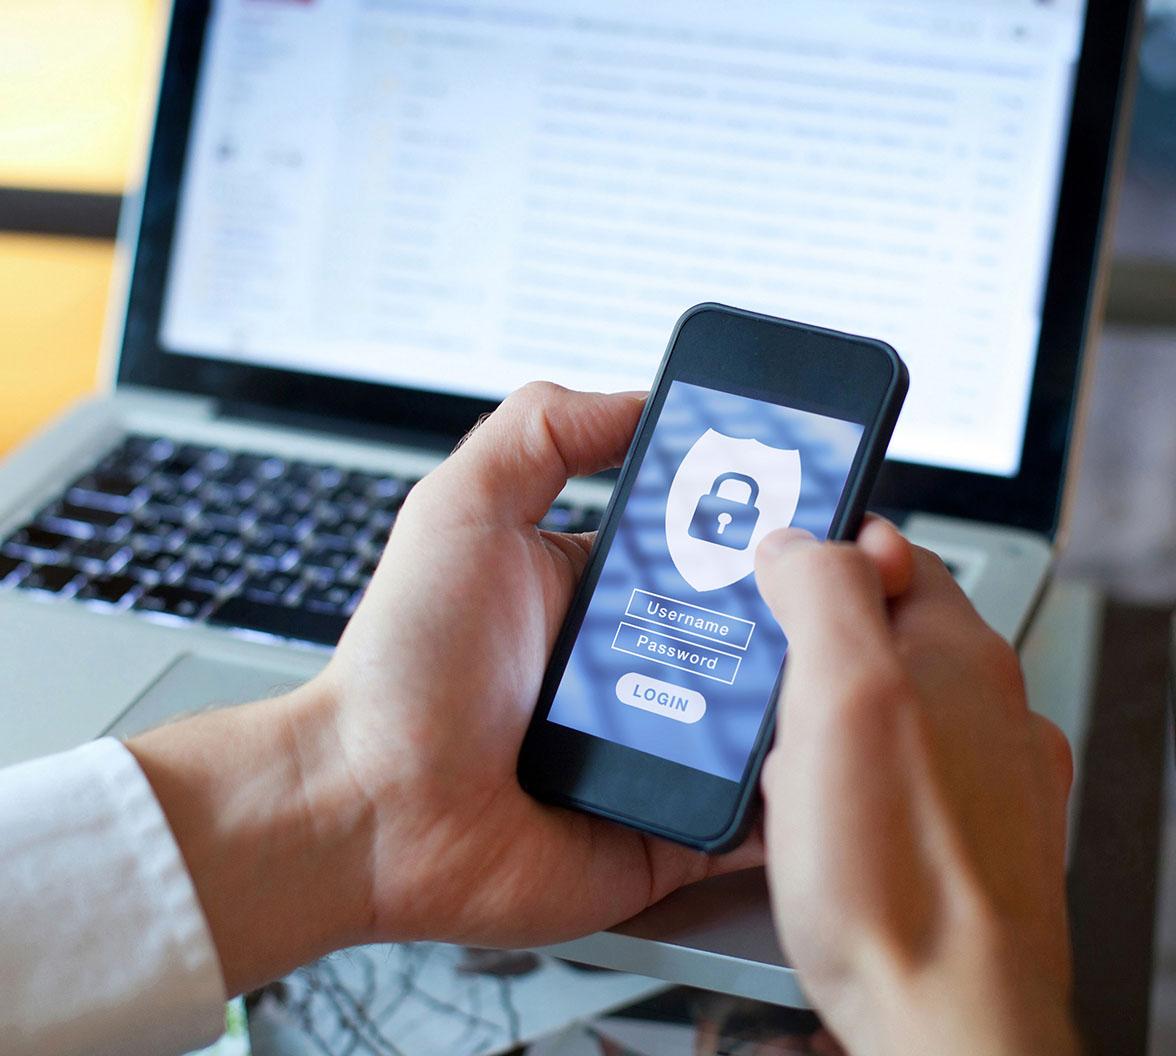 Säkerhetsåtgärder för att skydda dina mobildata